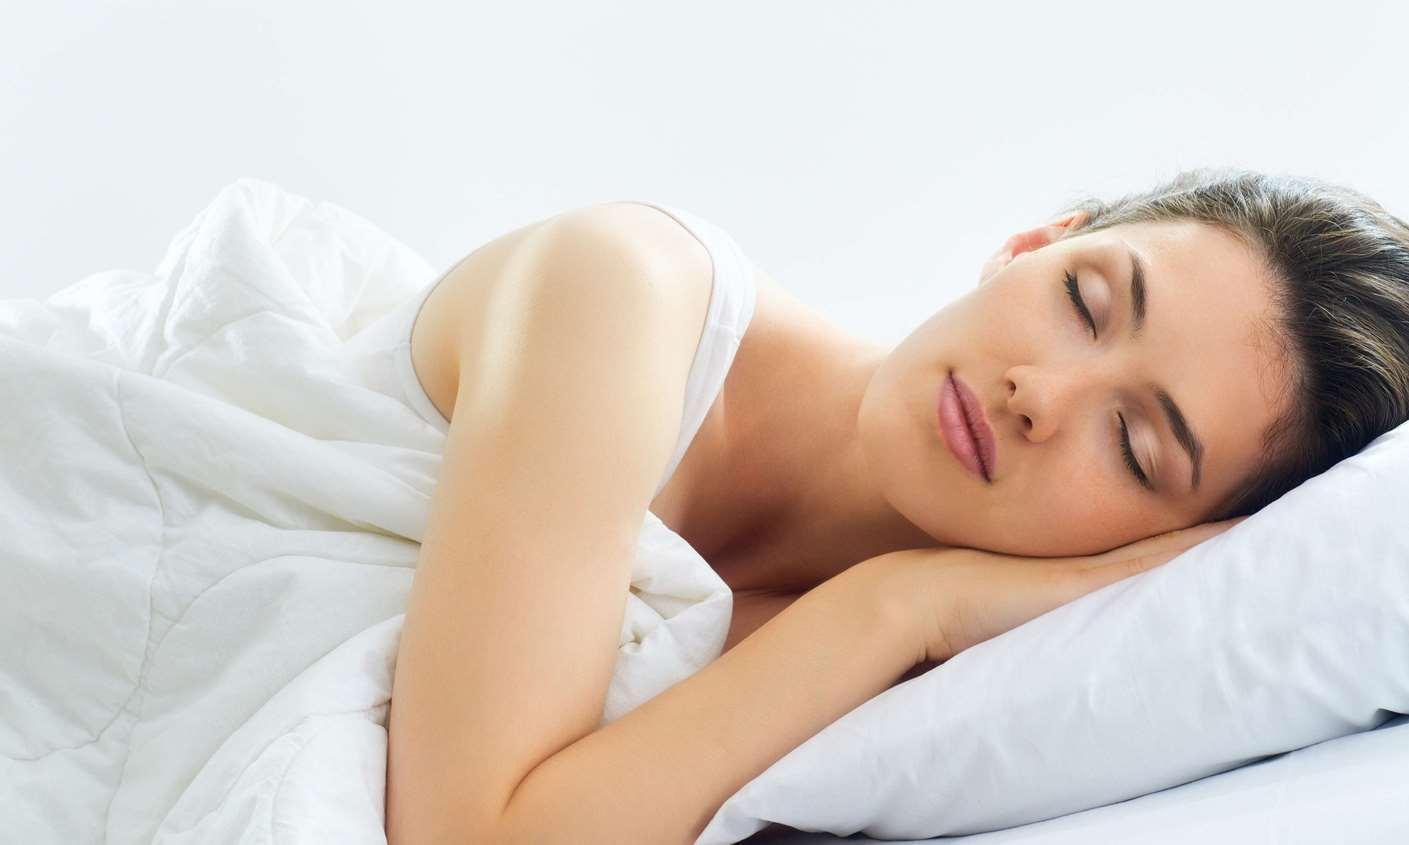 التعرّق خلال النوم قد يدل على الإصابة بالسرطان